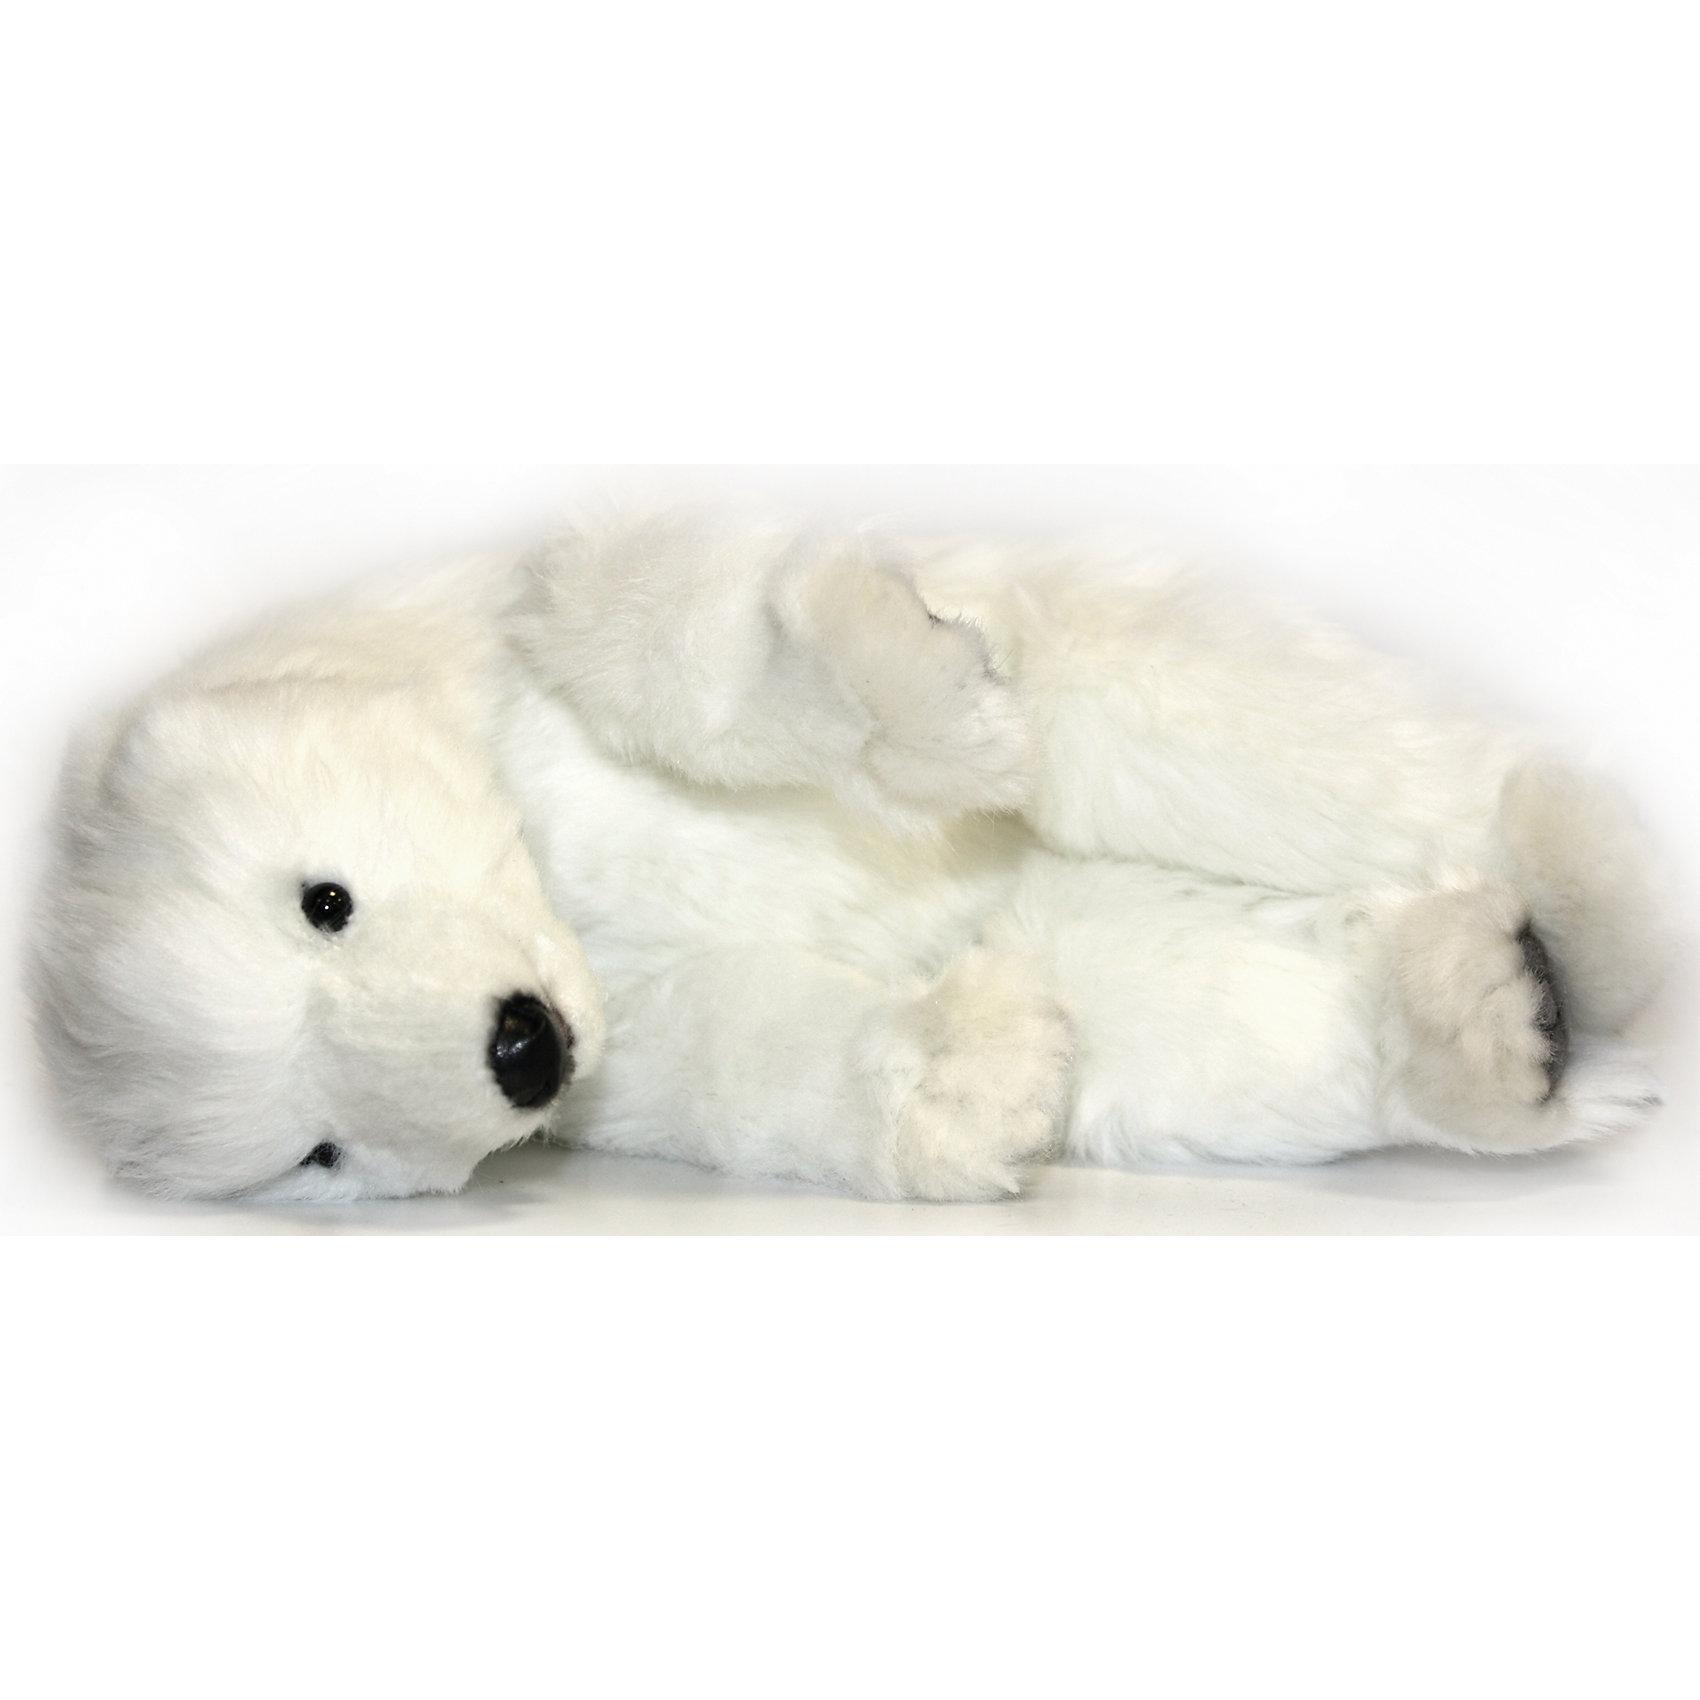 Детеныш полярного медведя, спящий, 30 смМедвежата<br>Детеныш полярного медведя, 30 см – игрушка от знаменитого бренда Hansa, специализирующегося на выпуске мягких игрушек с высокой степенью натуралистичности. Внешний вид игрушечного медвежонка полностью соответствует реальному прототипу. Он выполнен из искусственного белого меха с коротким ворсом. Использованные материалы обладают гипоаллергенными свойствами. Внутри игрушки имеется металлический каркас, позволяющий изменять положение. <br>Игрушка относится к серии Дикие животные. <br>Мягкие игрушки от Hansa подходят для сюжетно-ролевых игр, для обучающих игр, направленных на знакомство с животным миром дикой природы. Кроме того, их можно использовать в качестве интерьерных игрушек. Коллекция из нескольких игрушек позволяет создать свой домашний зоопарк, который будет радовать вашего ребенка долгое время, так как ручная работа и качественные материалы гарантируют их долговечность и прочность.<br><br>Дополнительная информация:<br><br>- Вид игр: сюжетно-ролевые игры, коллекционирование, интерьерные игрушки<br>- Предназначение: для дома, для детских развивающих центров, для детских садов<br>- Материал: искусственный мех, наполнитель ? полиэфирное волокно<br>- Размер (ДхШхВ): 30*9*25 см<br>- Вес: 580 г<br>- Особенности ухода: сухая чистка при помощи пылесоса или щетки для одежды<br><br>Подробнее:<br><br>• Для детей в возрасте: от 3 лет <br>• Страна производитель: Филиппины<br>• Торговый бренд: Hansa<br><br>Детеныша полярного медведя, 30 см можно купить в нашем интернет-магазине.<br><br>Ширина мм: 30<br>Глубина мм: 9<br>Высота мм: 25<br>Вес г: 580<br>Возраст от месяцев: 36<br>Возраст до месяцев: 2147483647<br>Пол: Унисекс<br>Возраст: Детский<br>SKU: 4927206